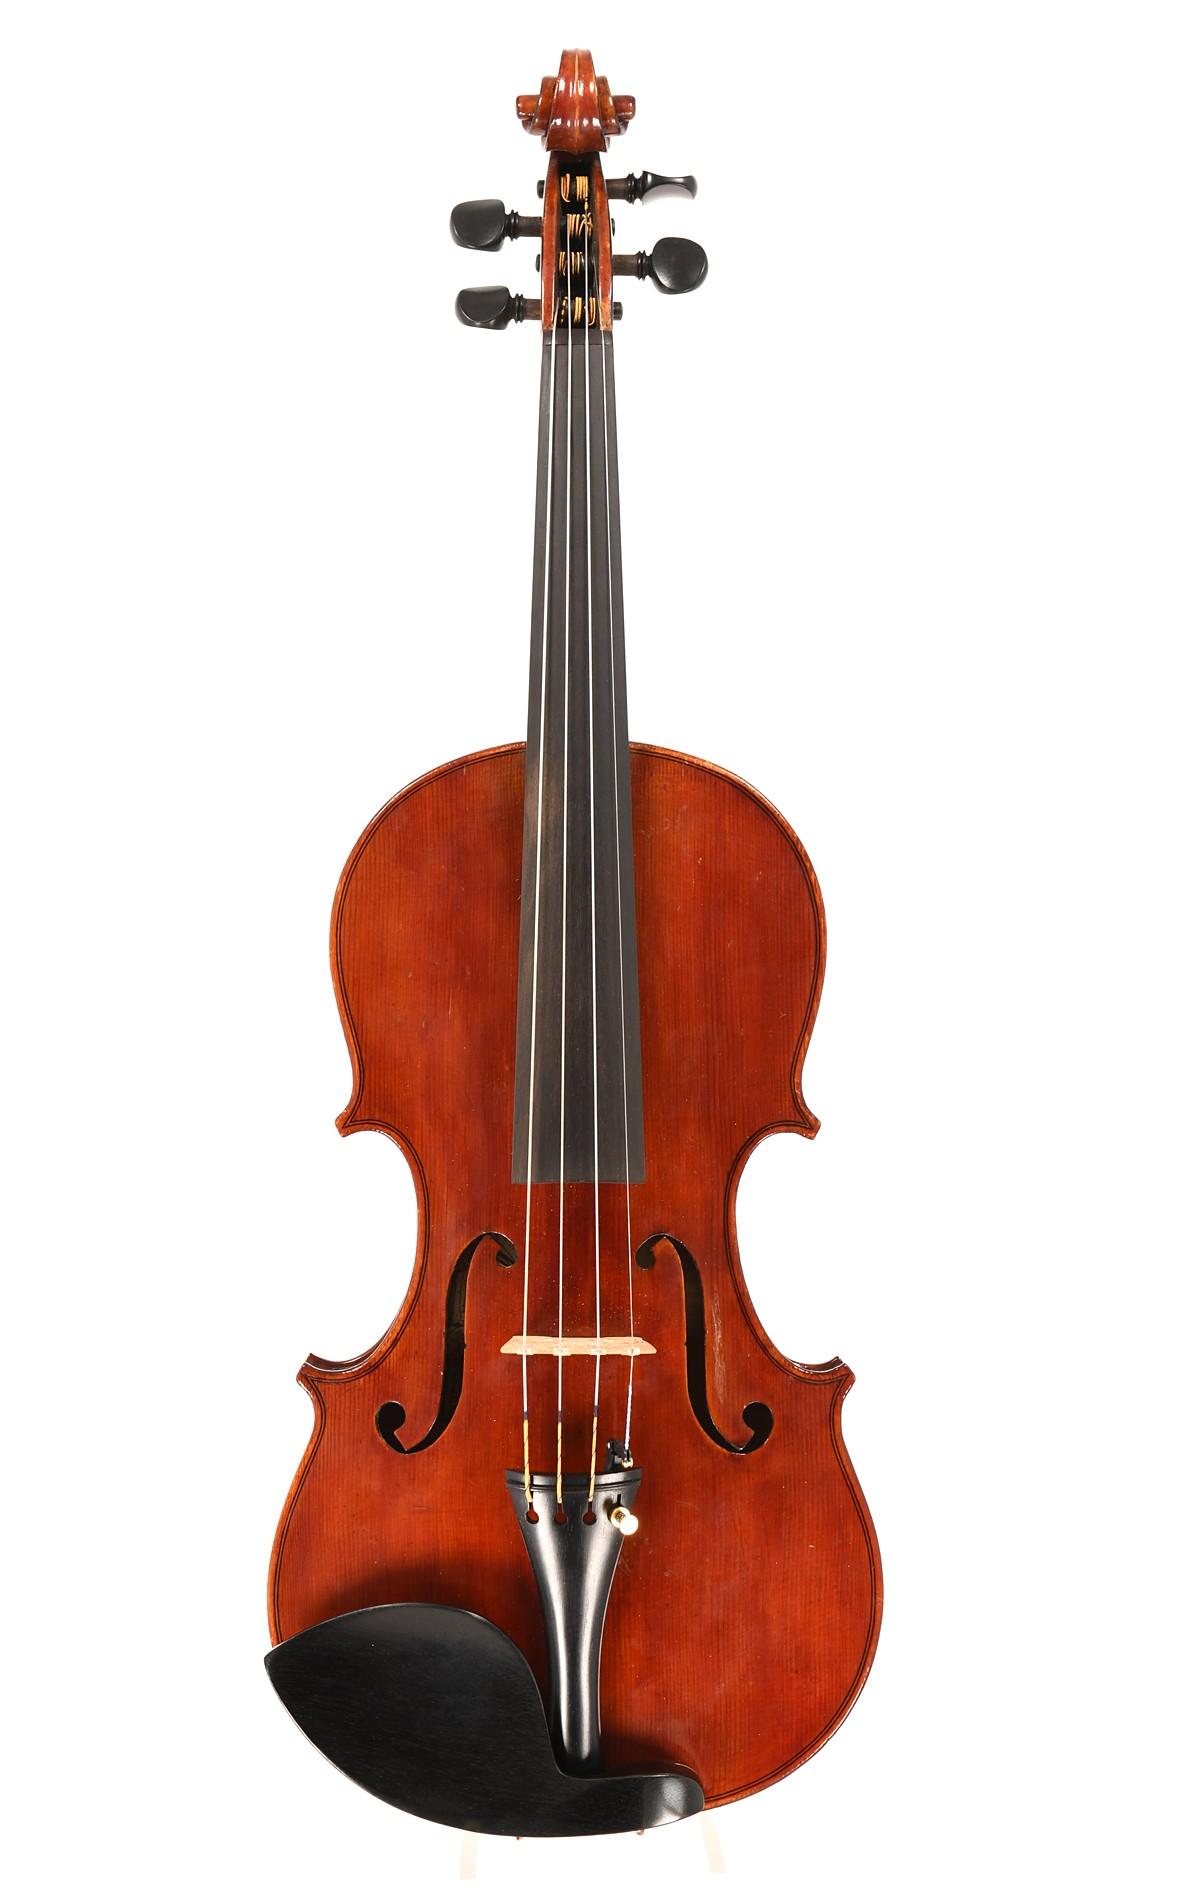 Feine italienische Violine von Mario Gadda, um 1960 - Decke